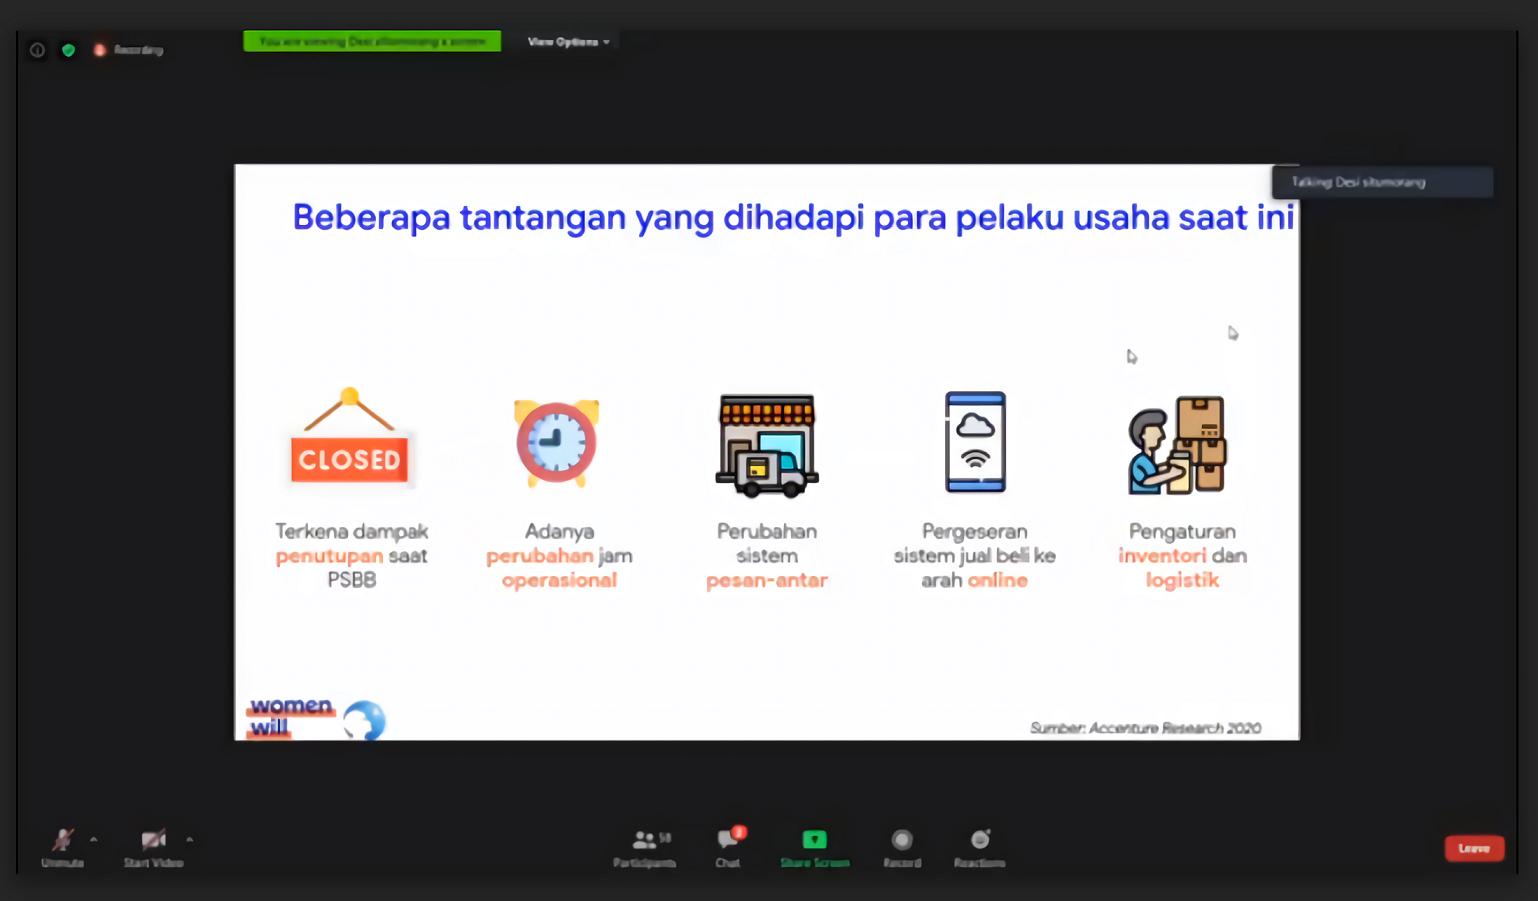 Pelatihan Digital Ibu Warung Anak Sehat saat Pandemi_1